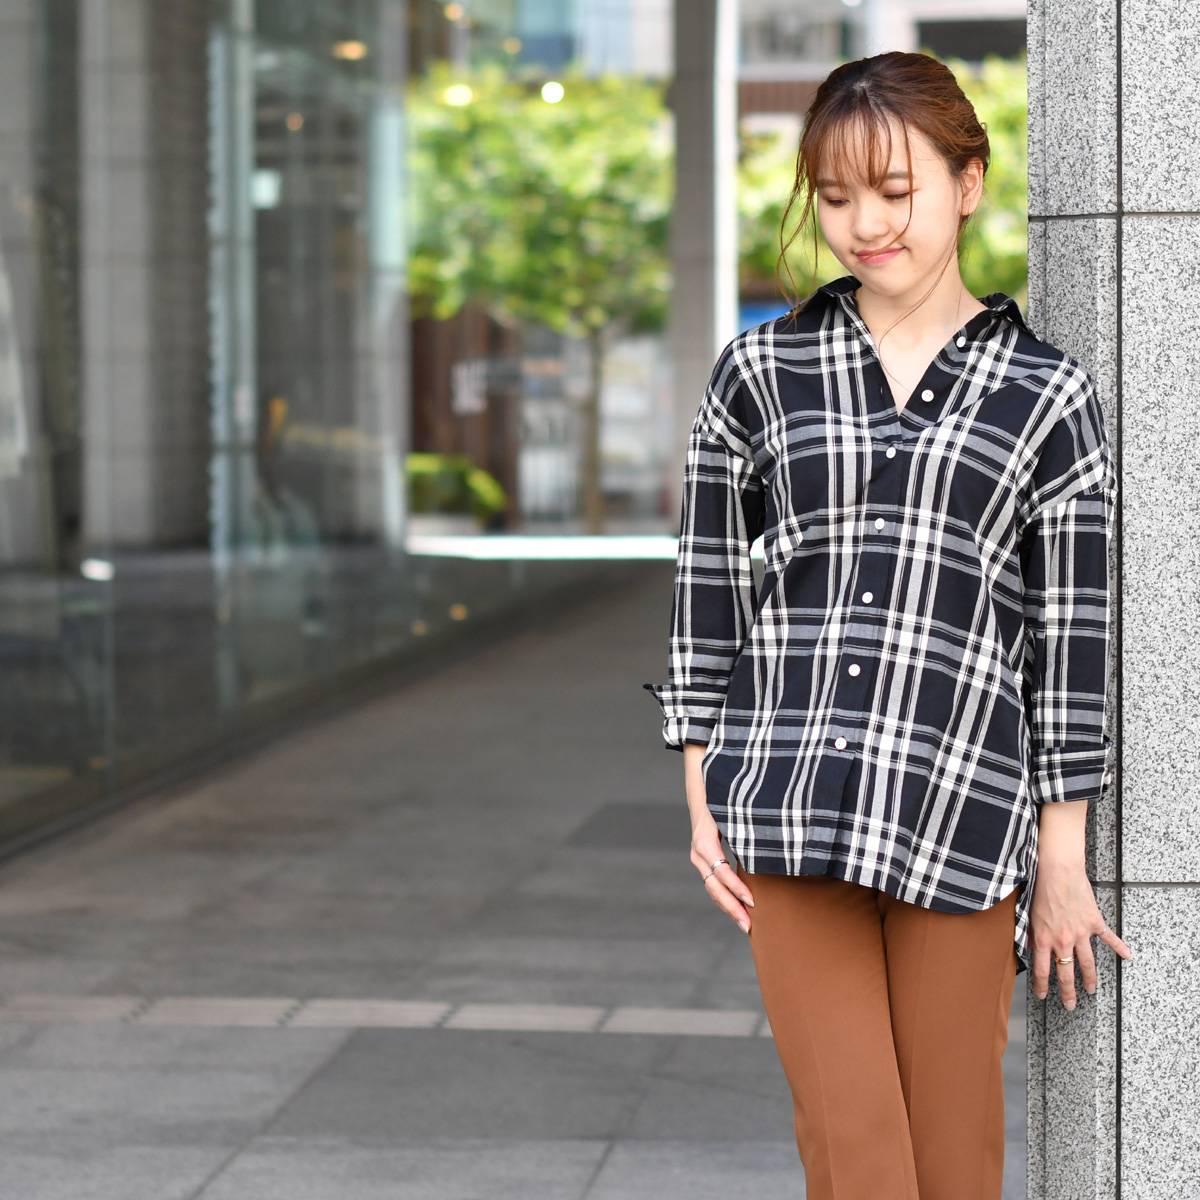 Finamore【フィナモレ】ビッグシルエットシャツ A2017 01 GRACE LISA コットン ブラック ホワイト